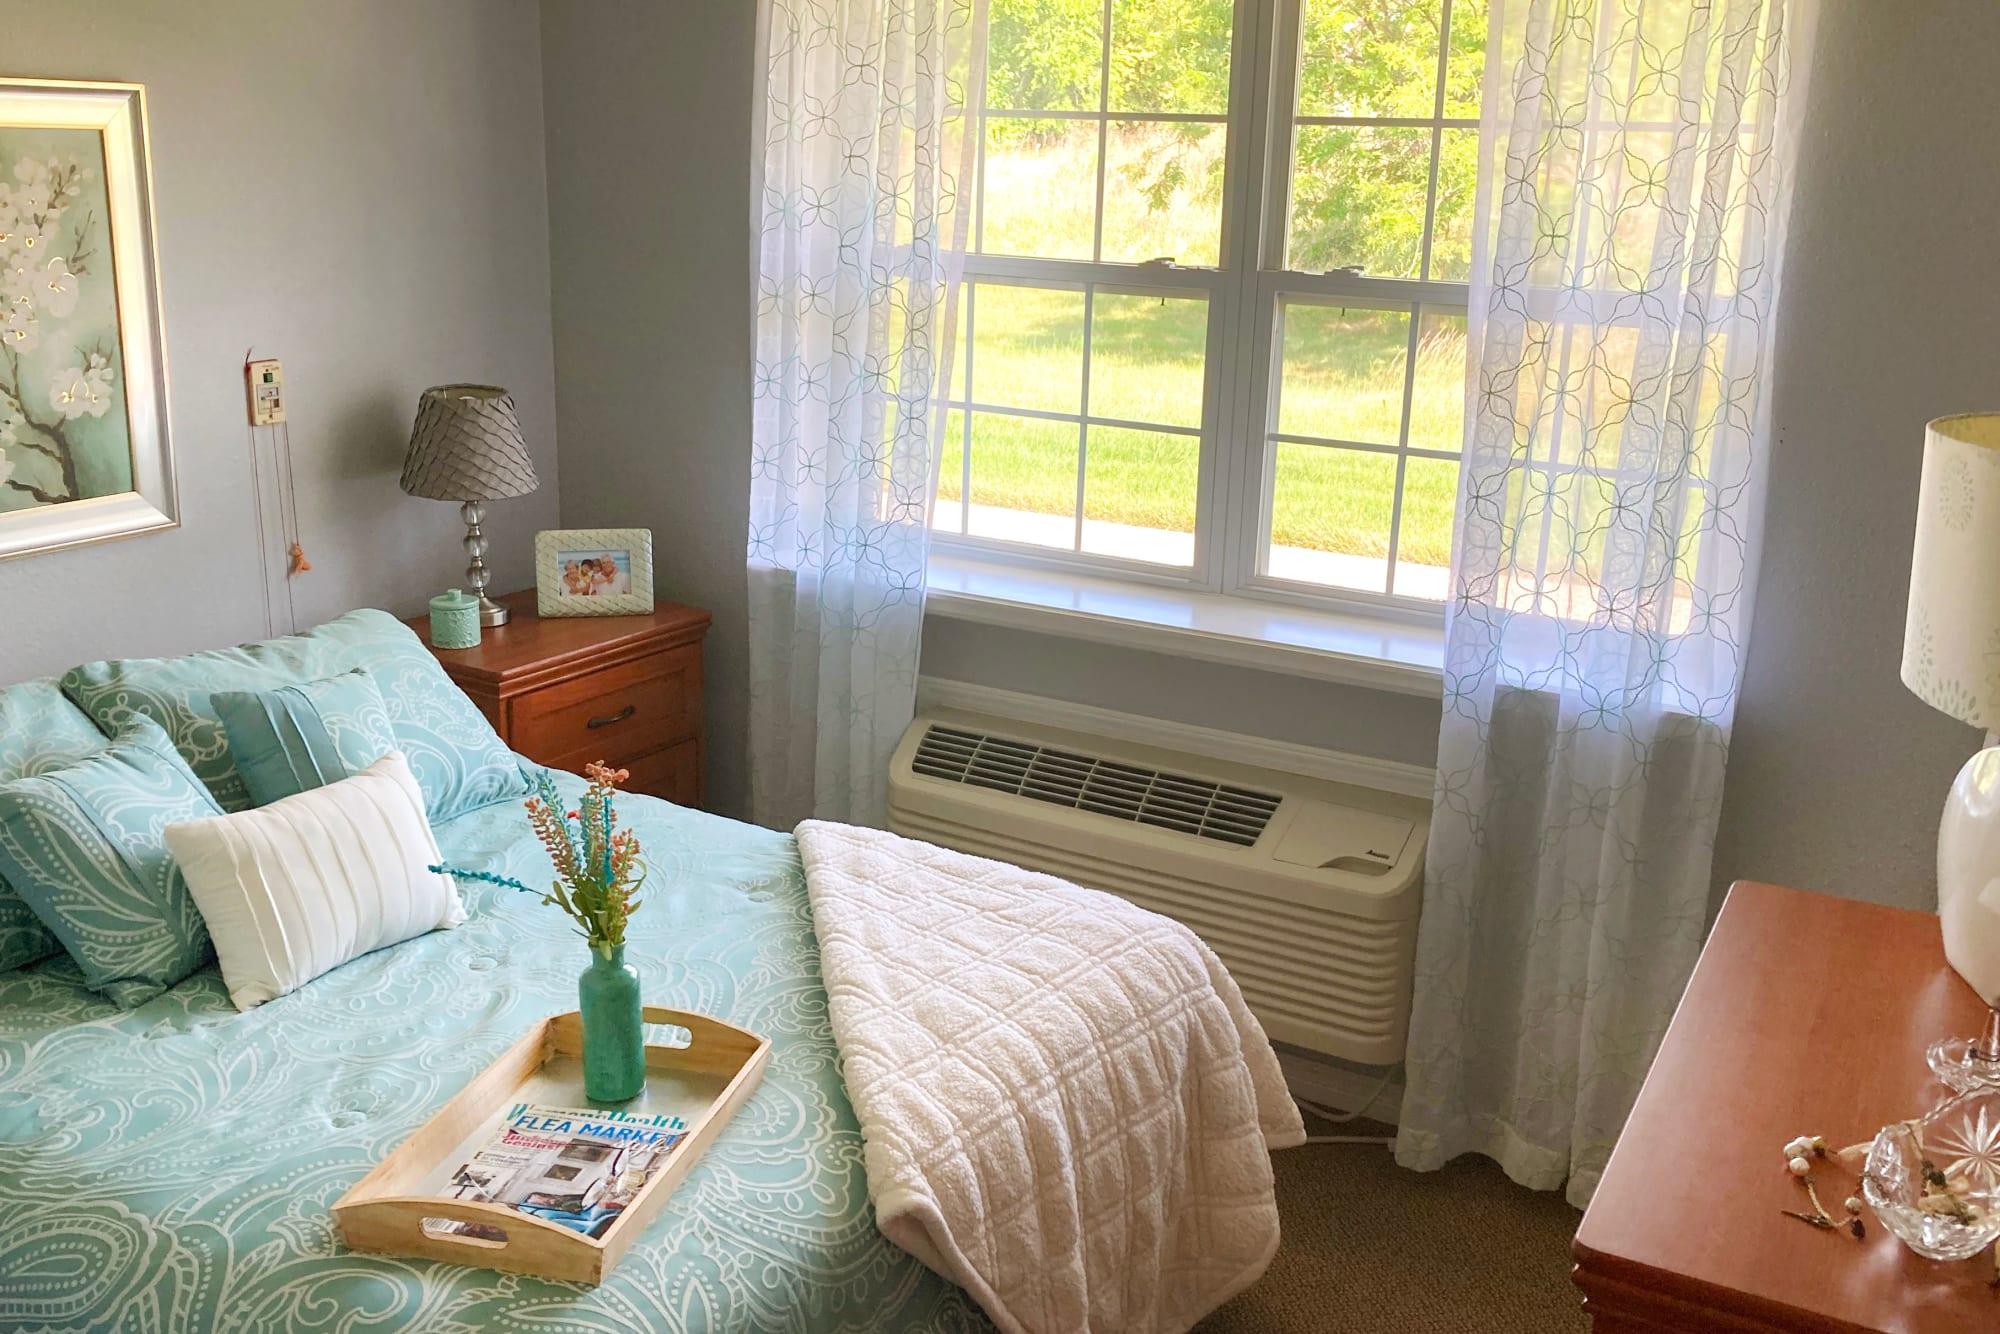 Bedroom at Homestead House in Beatrice, Nebraska